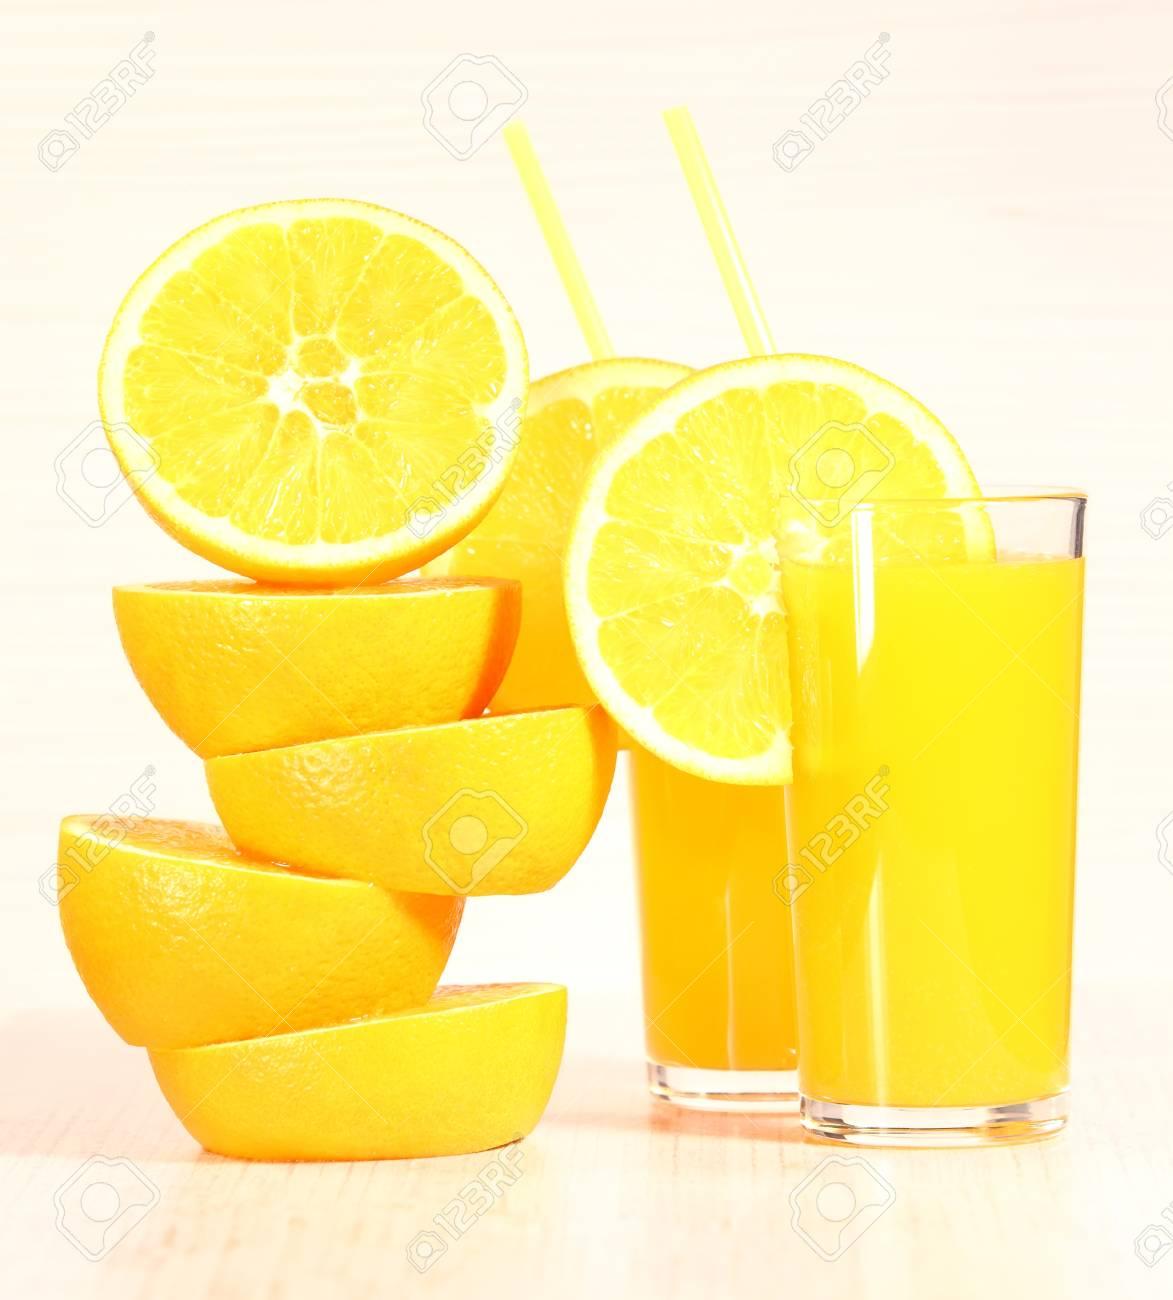 Limonade Ou Jus De Citron Frais Fait Maison Dans Un Verre A Cote Du